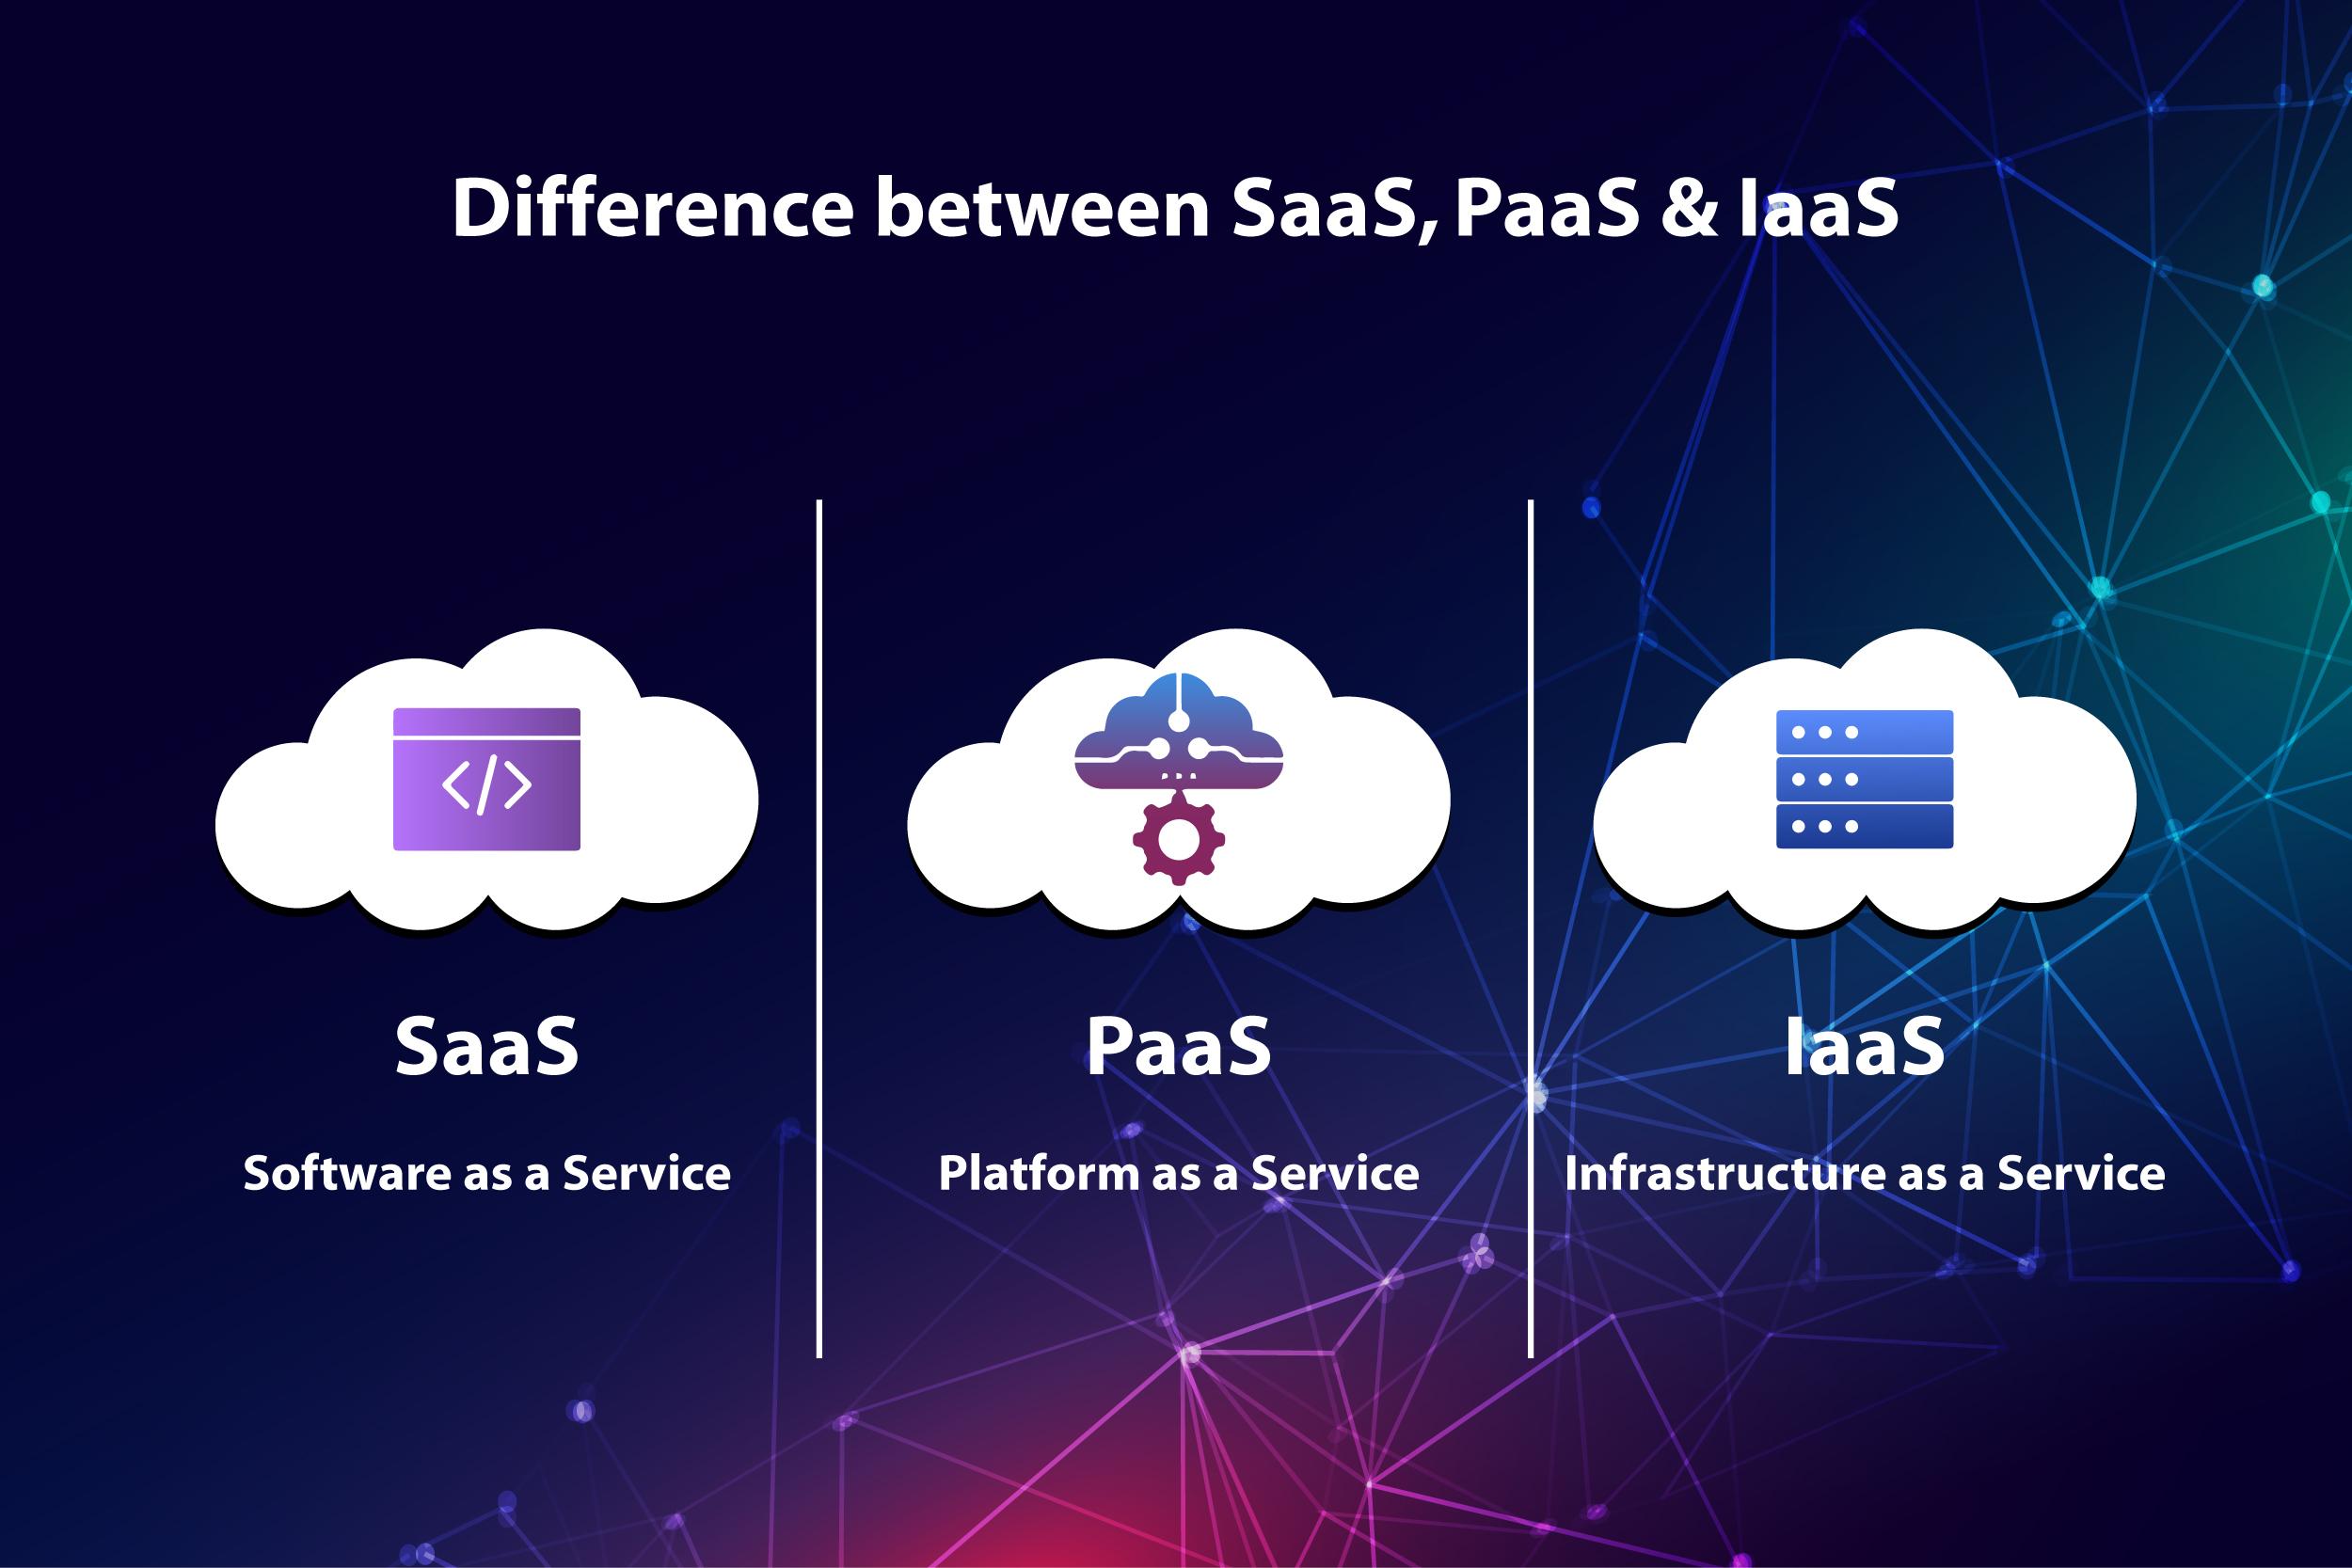 Difference between SaaS, PaaS & IaaS